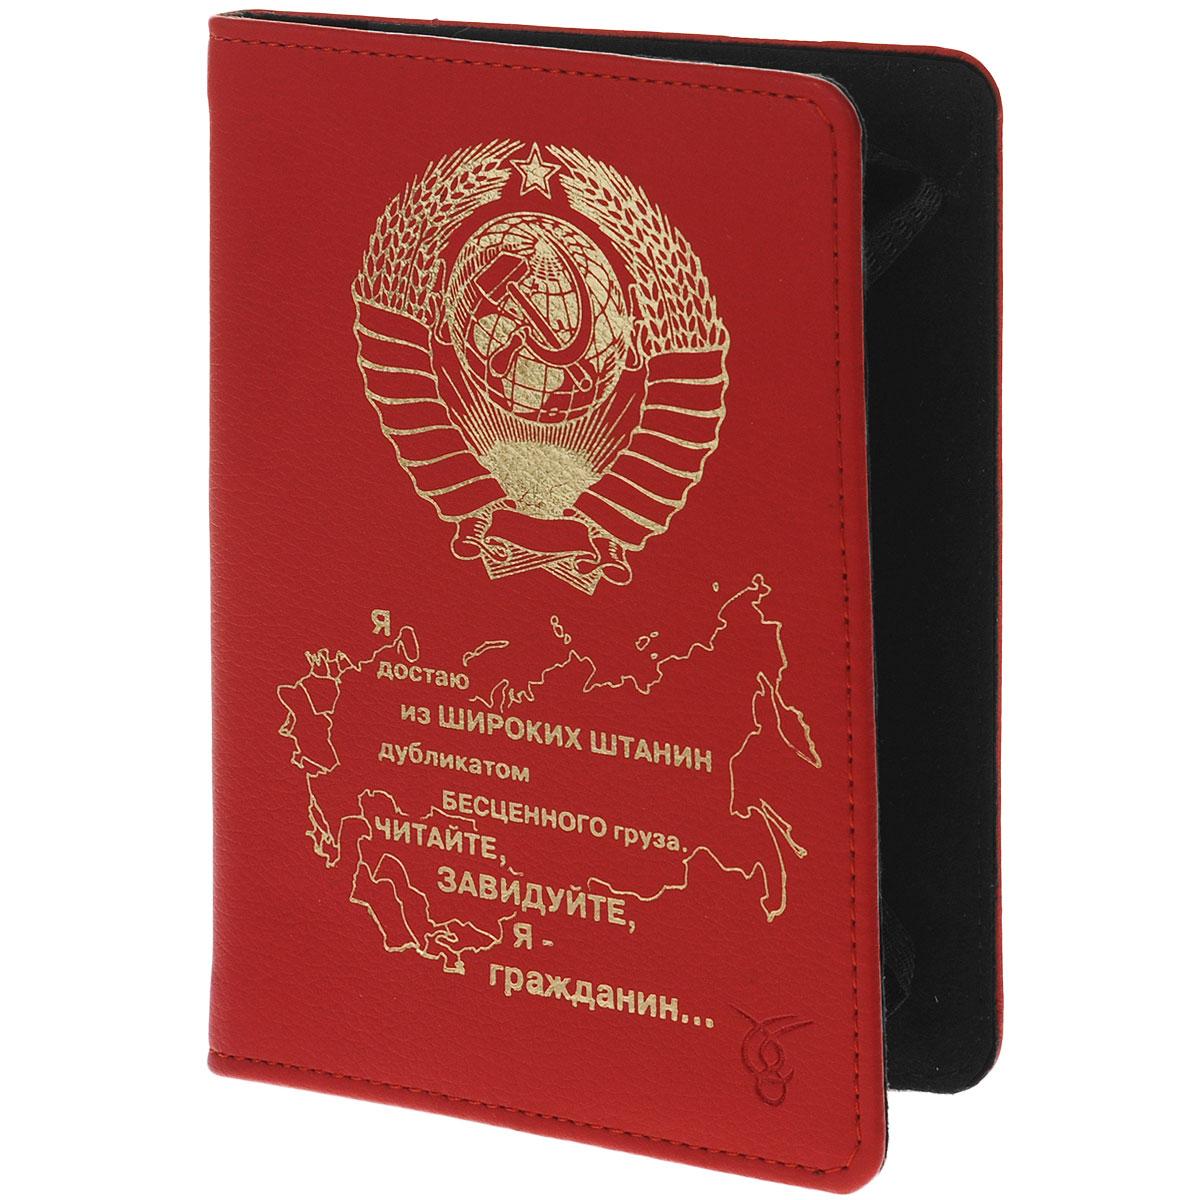 Vivacase Soviet чехол для планшетов и e-book 6, Red (VUC-CSV06-r)VUC-CSV06-rЧехол Viva Soviet предназначен для защиты электронных устройств диагональю 6 дюймов от механического повреждения и влаги. Крепление PVS позволяет надежно зафиксировать устройство.